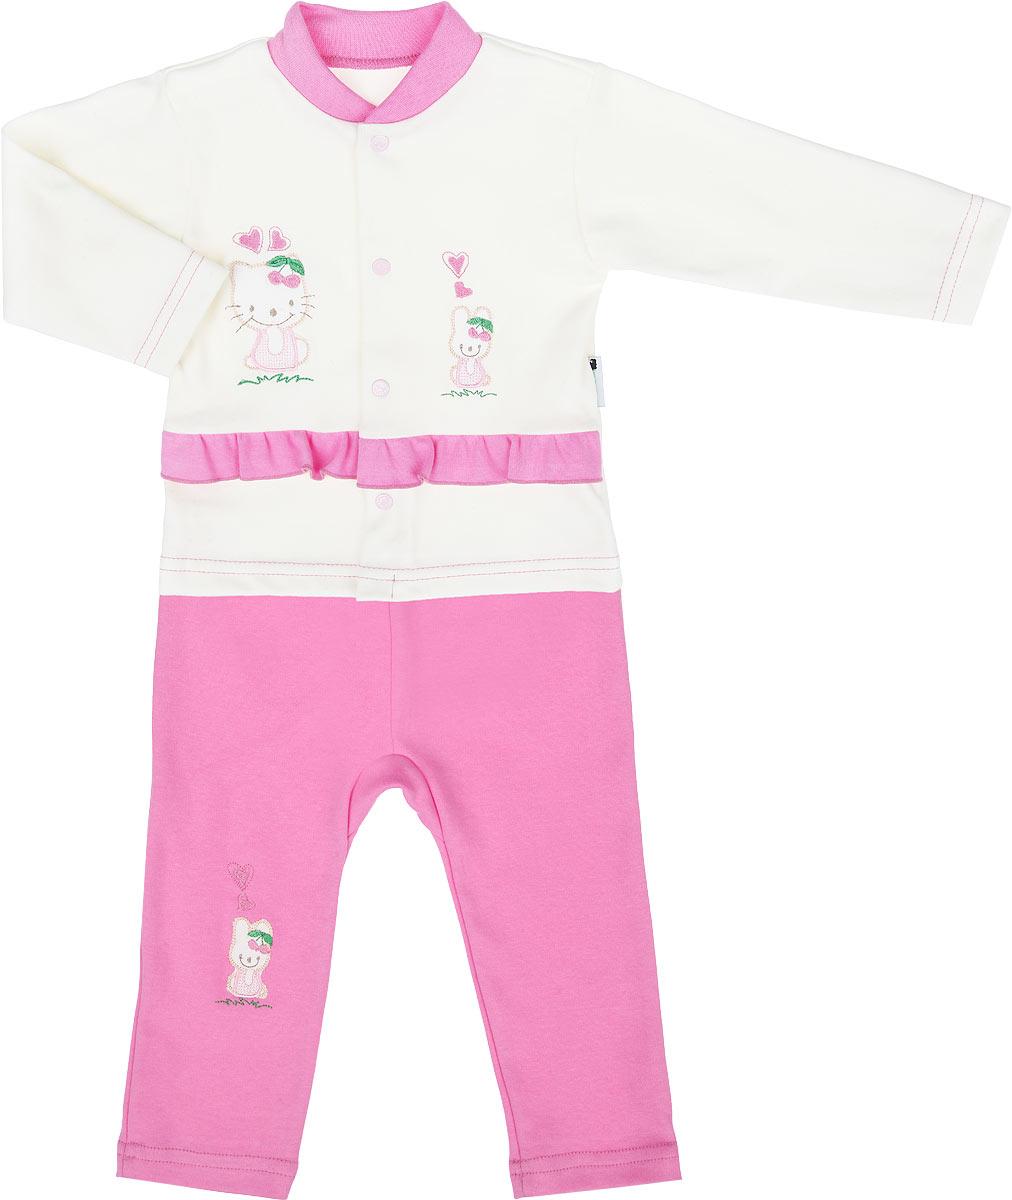 Комплект одежды37К-5602Очаровательный комплект для девочки Клякса, состоящий из кофточки и штанишек, идеально подойдет вашей малышке. Изготовленный из натурального хлопка, он необычайно мягкий и приятный на ощупь, не сковывает движения ребенка и позволяет коже дышать, не раздражает даже самую нежную и чувствительную кожу, обеспечивая наибольший комфорт. Кофточка с длинными рукавами и круглым вырезом горловины застегивается по всей длине на металлические кнопки, которые позволяют с легкостью переодеть ребенка. Воротник дополнен трикотажной эластичной резинкой. Оформлено изделие небольшими вышивками и украшено контрастной оборкой. Штанишки имеют широкий эластичный пояс, не сдавливающий животик ребенка. Правая штанина оформлена небольшой вышивкой. В таком комплекте ваша малышка будет чувствовать себя уютно и комфортно, и всегда будет в центре внимания.